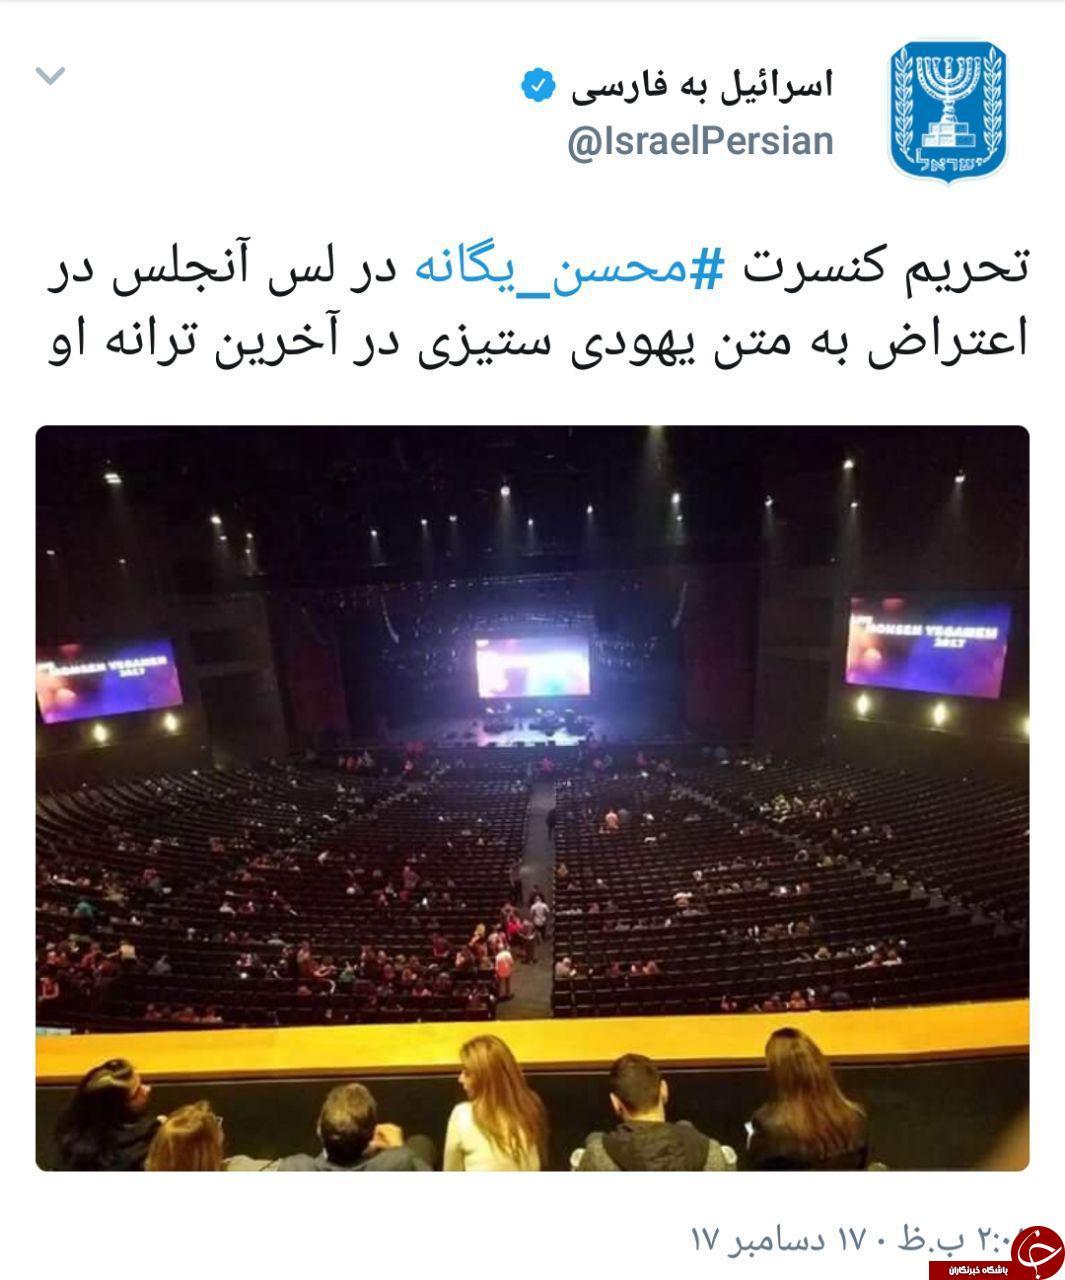 تحریم کنسرت محسن یگانه در لسآنجلس به خاطر ترانه یهود ستیزانه!